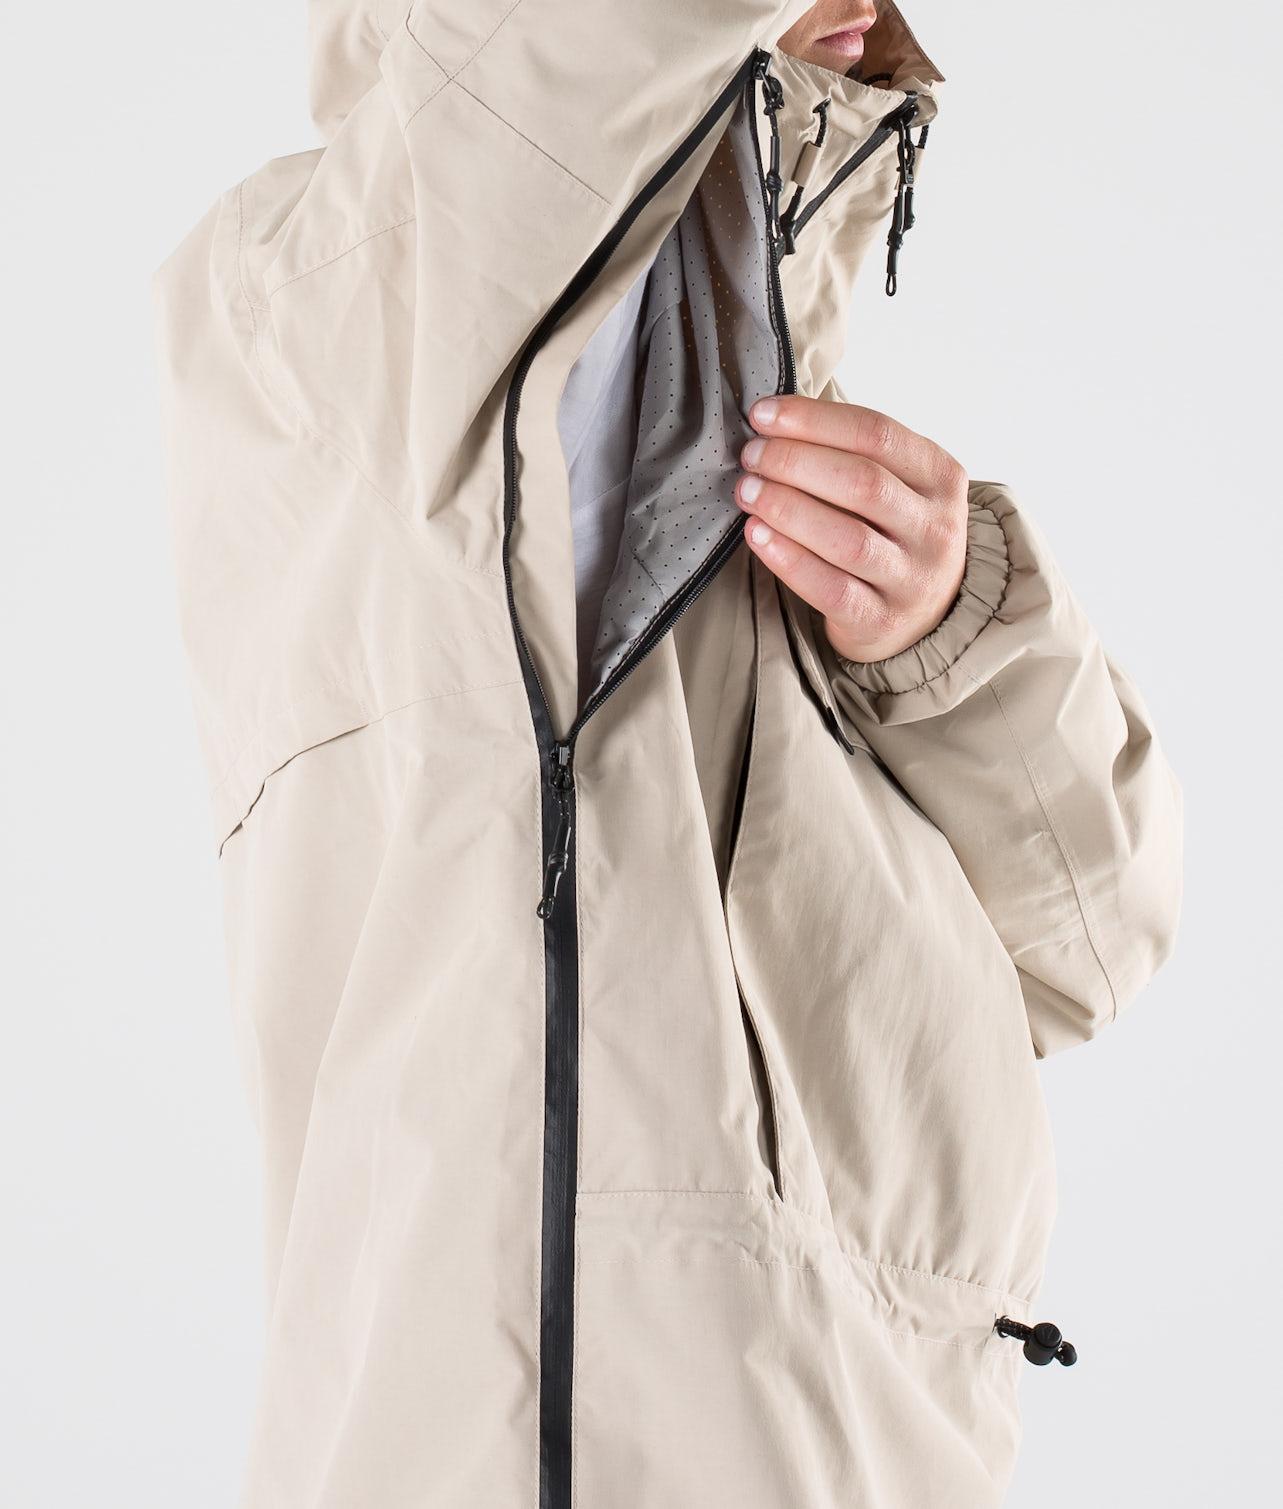 Kjøp Hiker Turjakke fra Dope på Ridestore.no - Hos oss har du alltid fri frakt, fri retur og 30 dagers åpent kjøp!